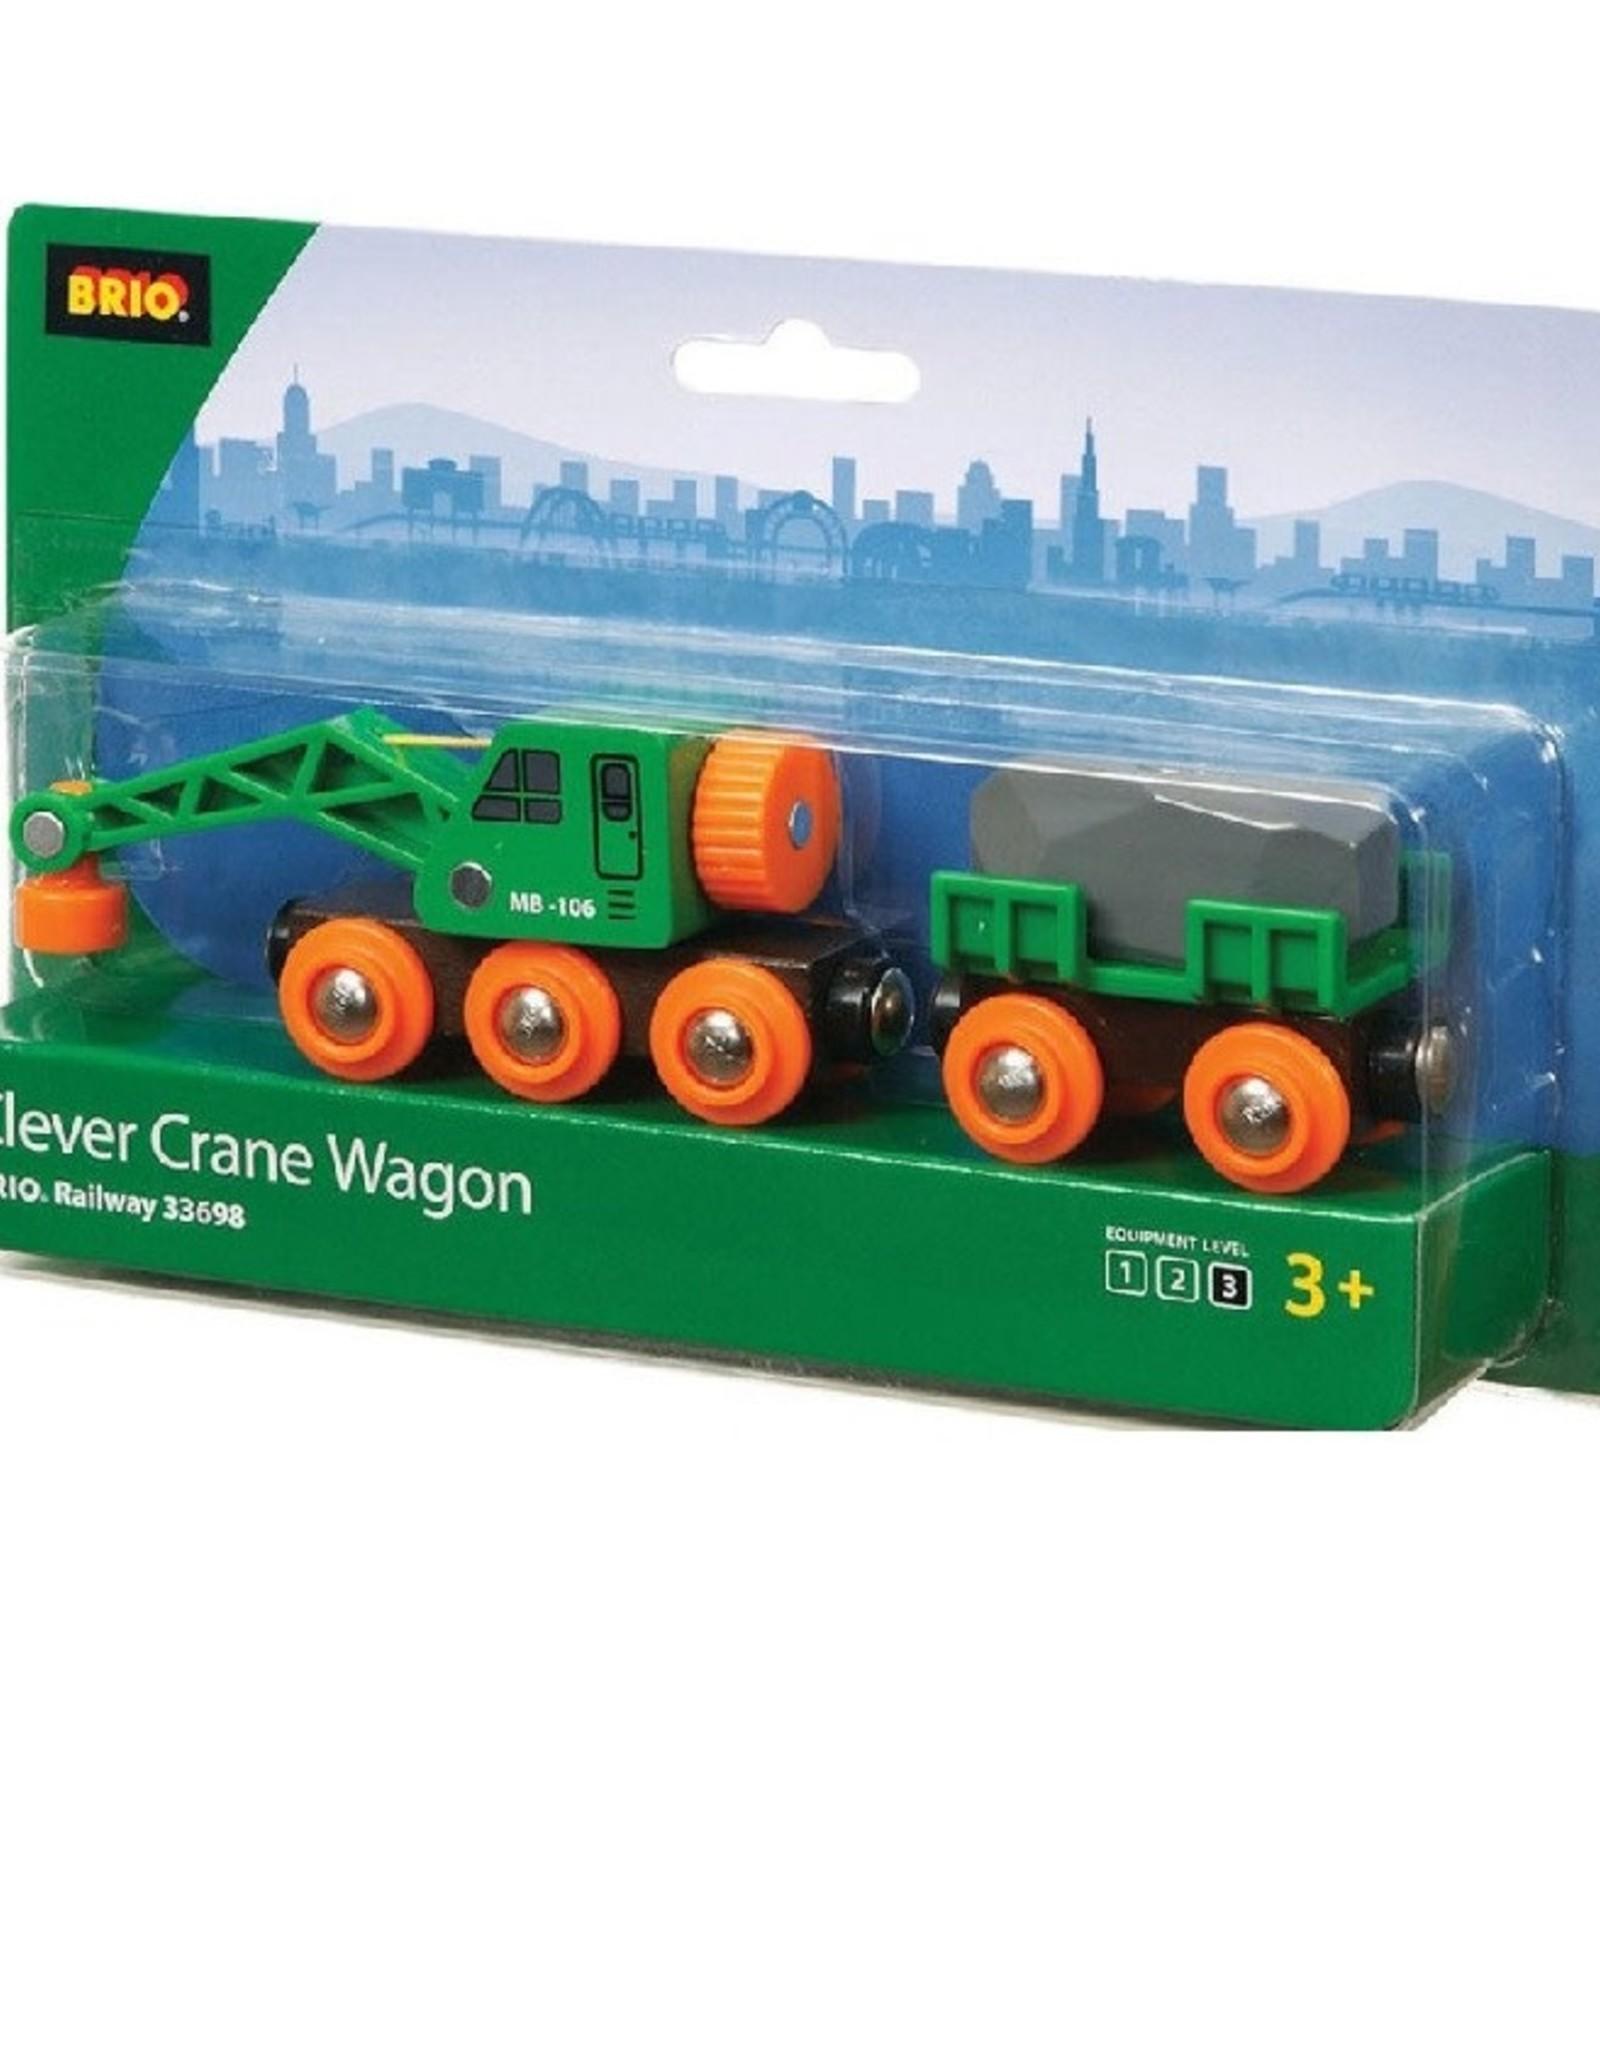 Brio Trains Clever Crane Wagon